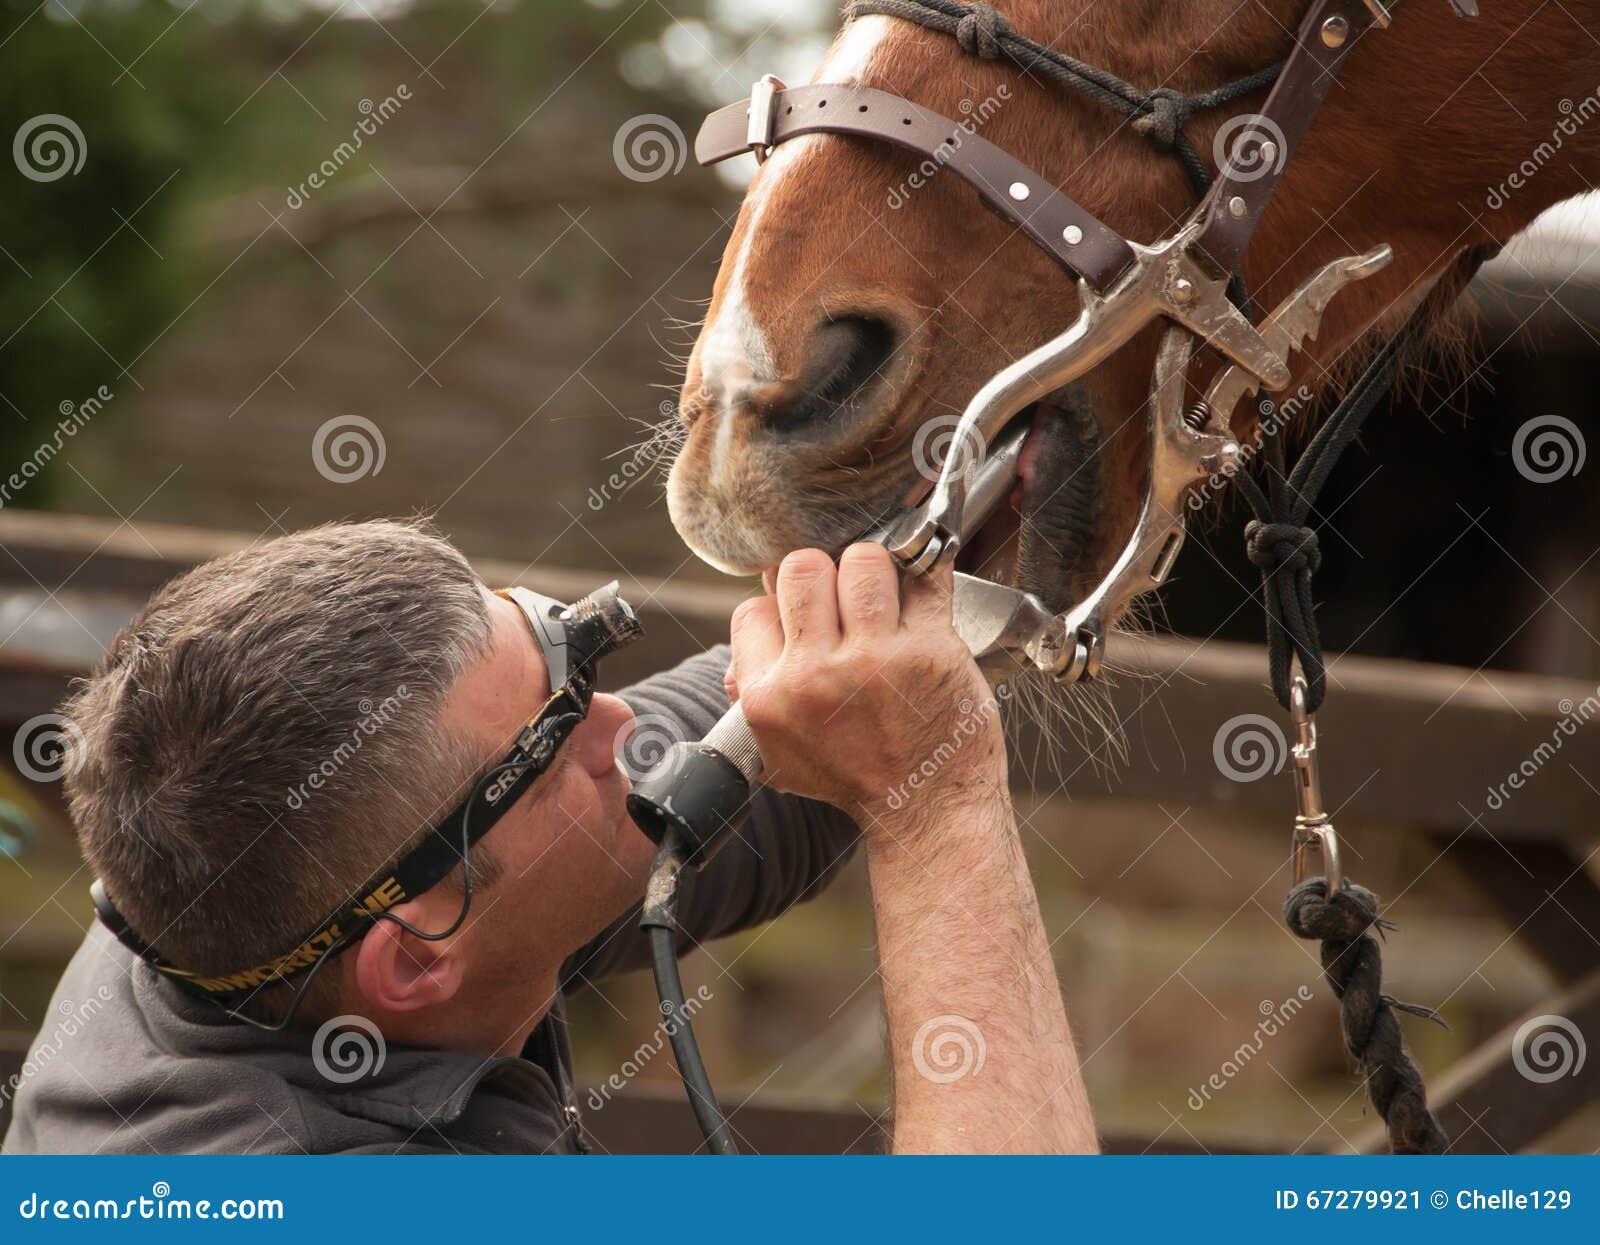 Traitement dentaire d un professionnel équin